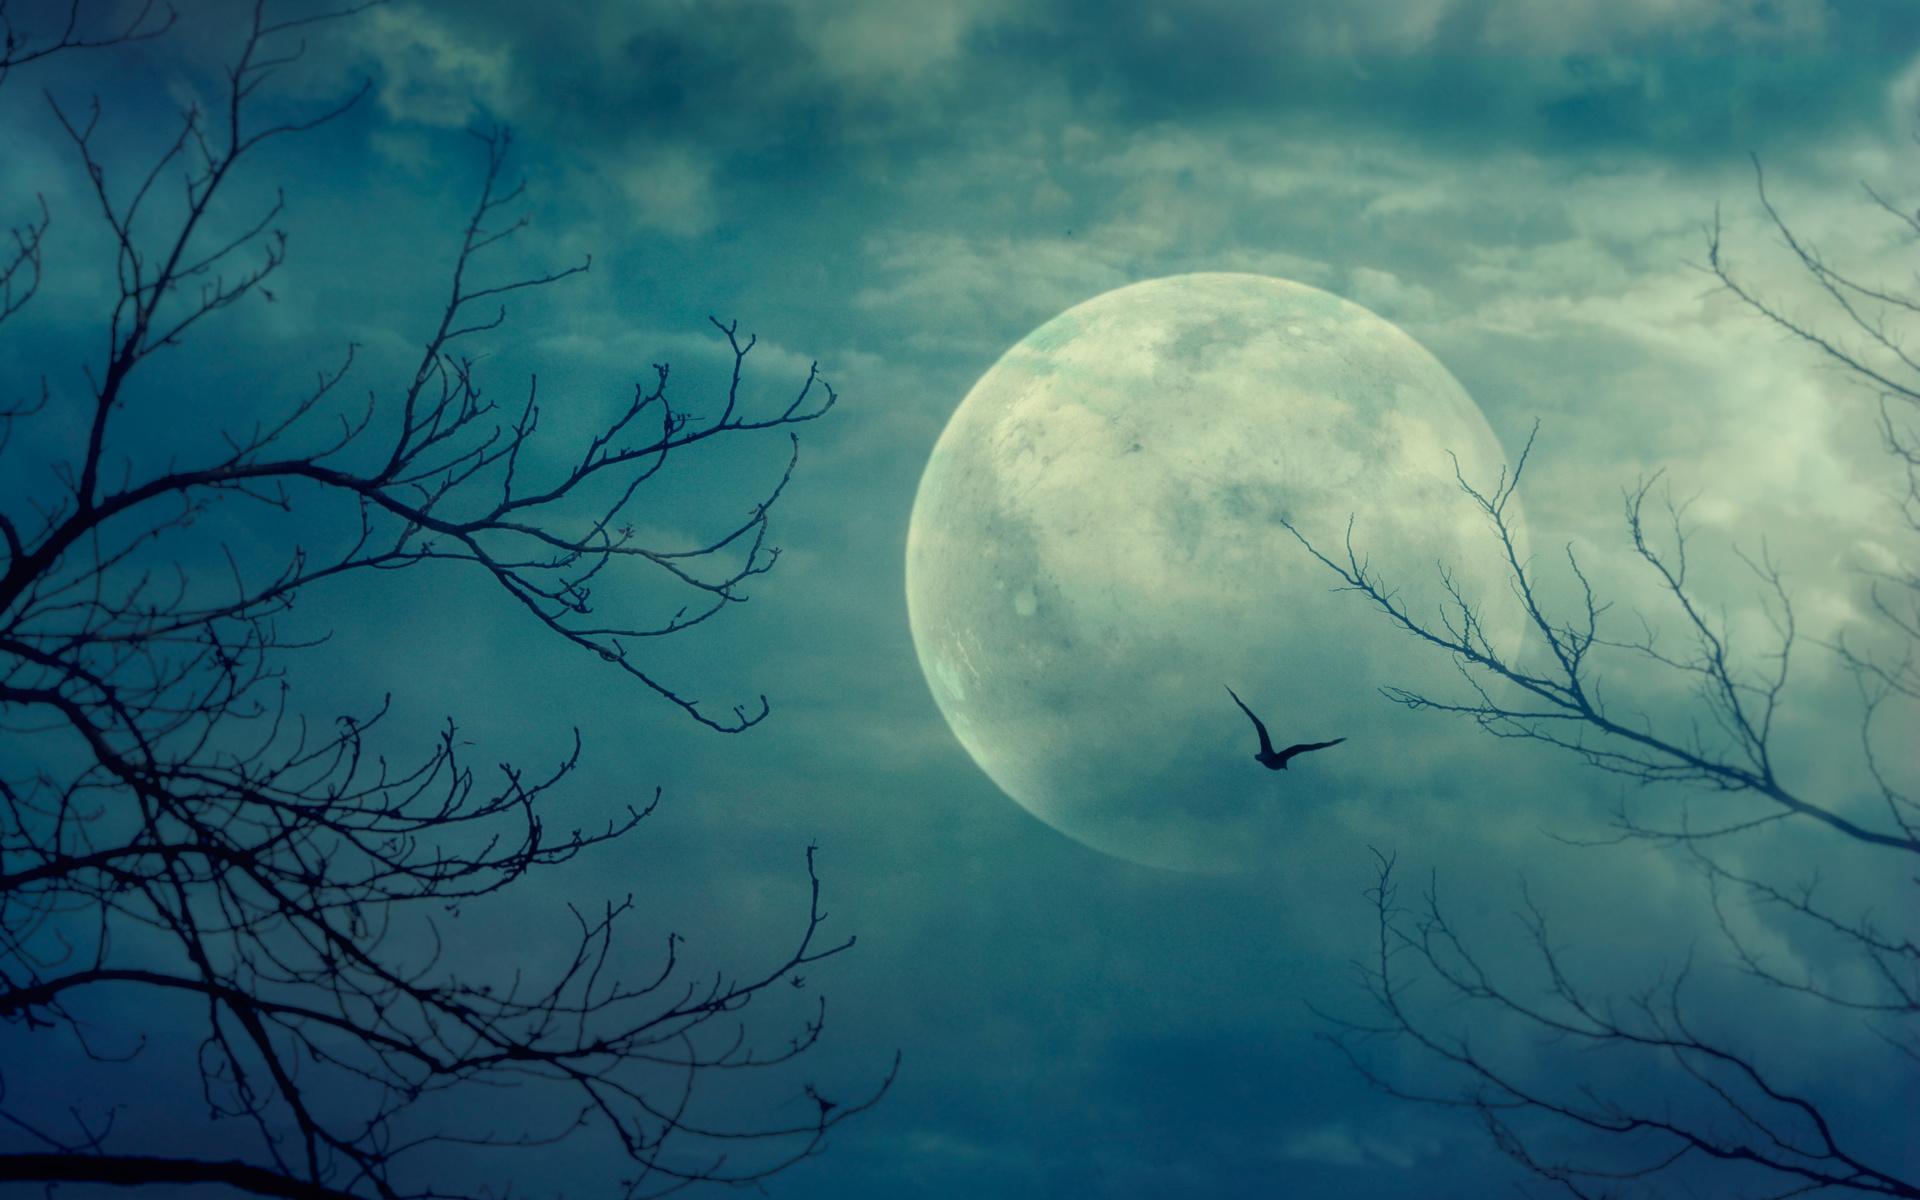 небо, луна, ветки, природа